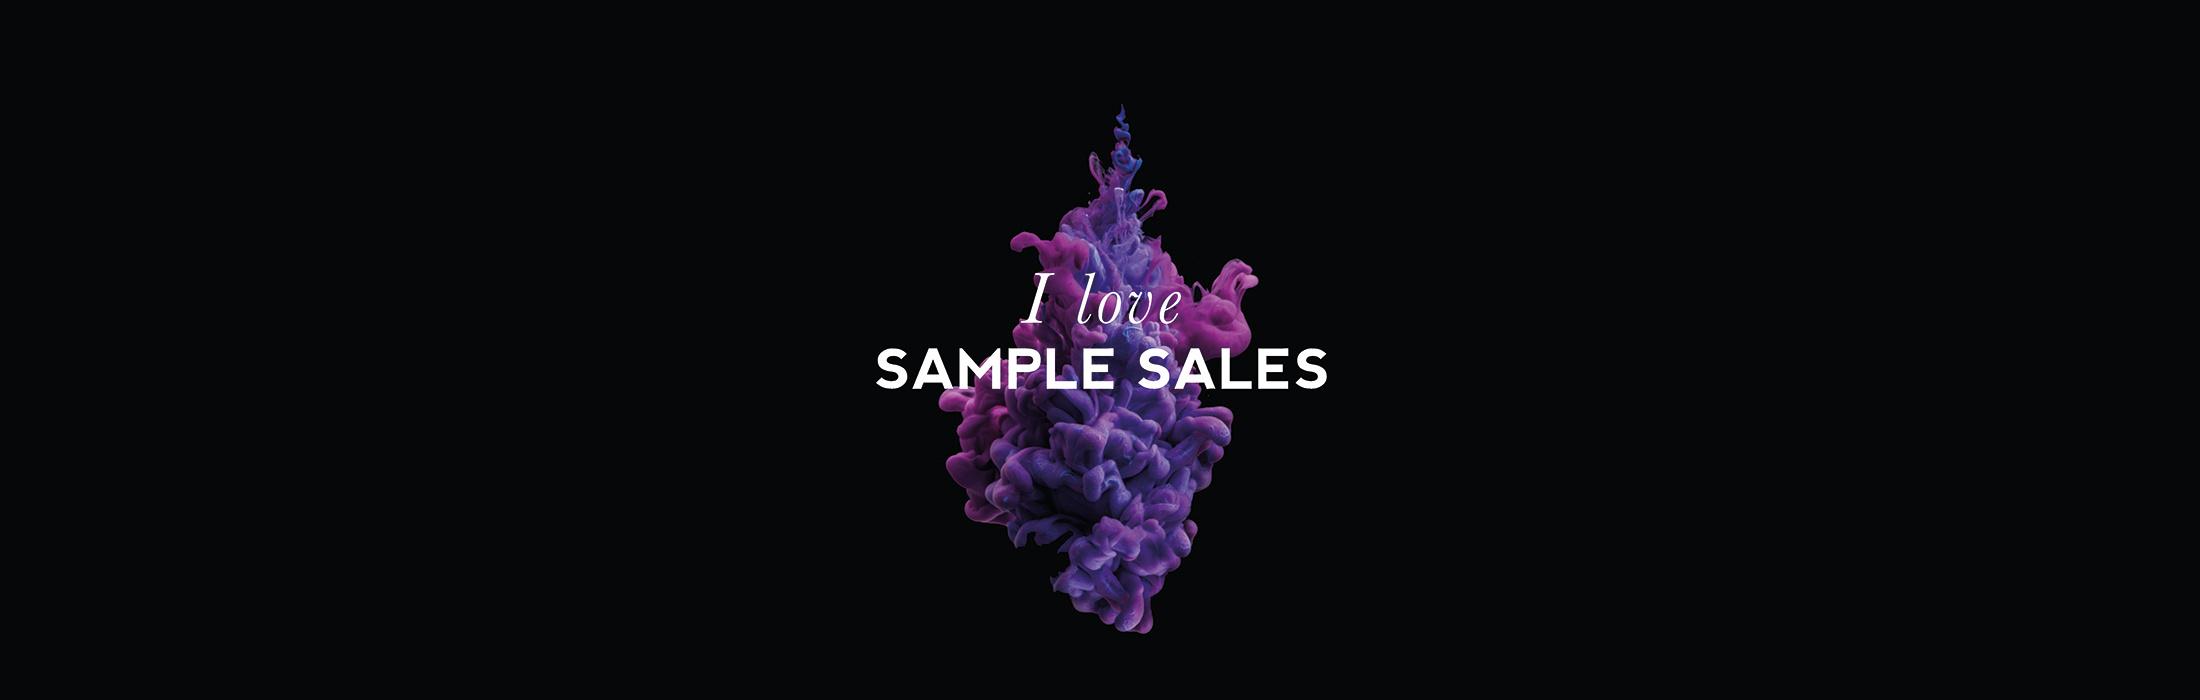 sample sales uitvergroot